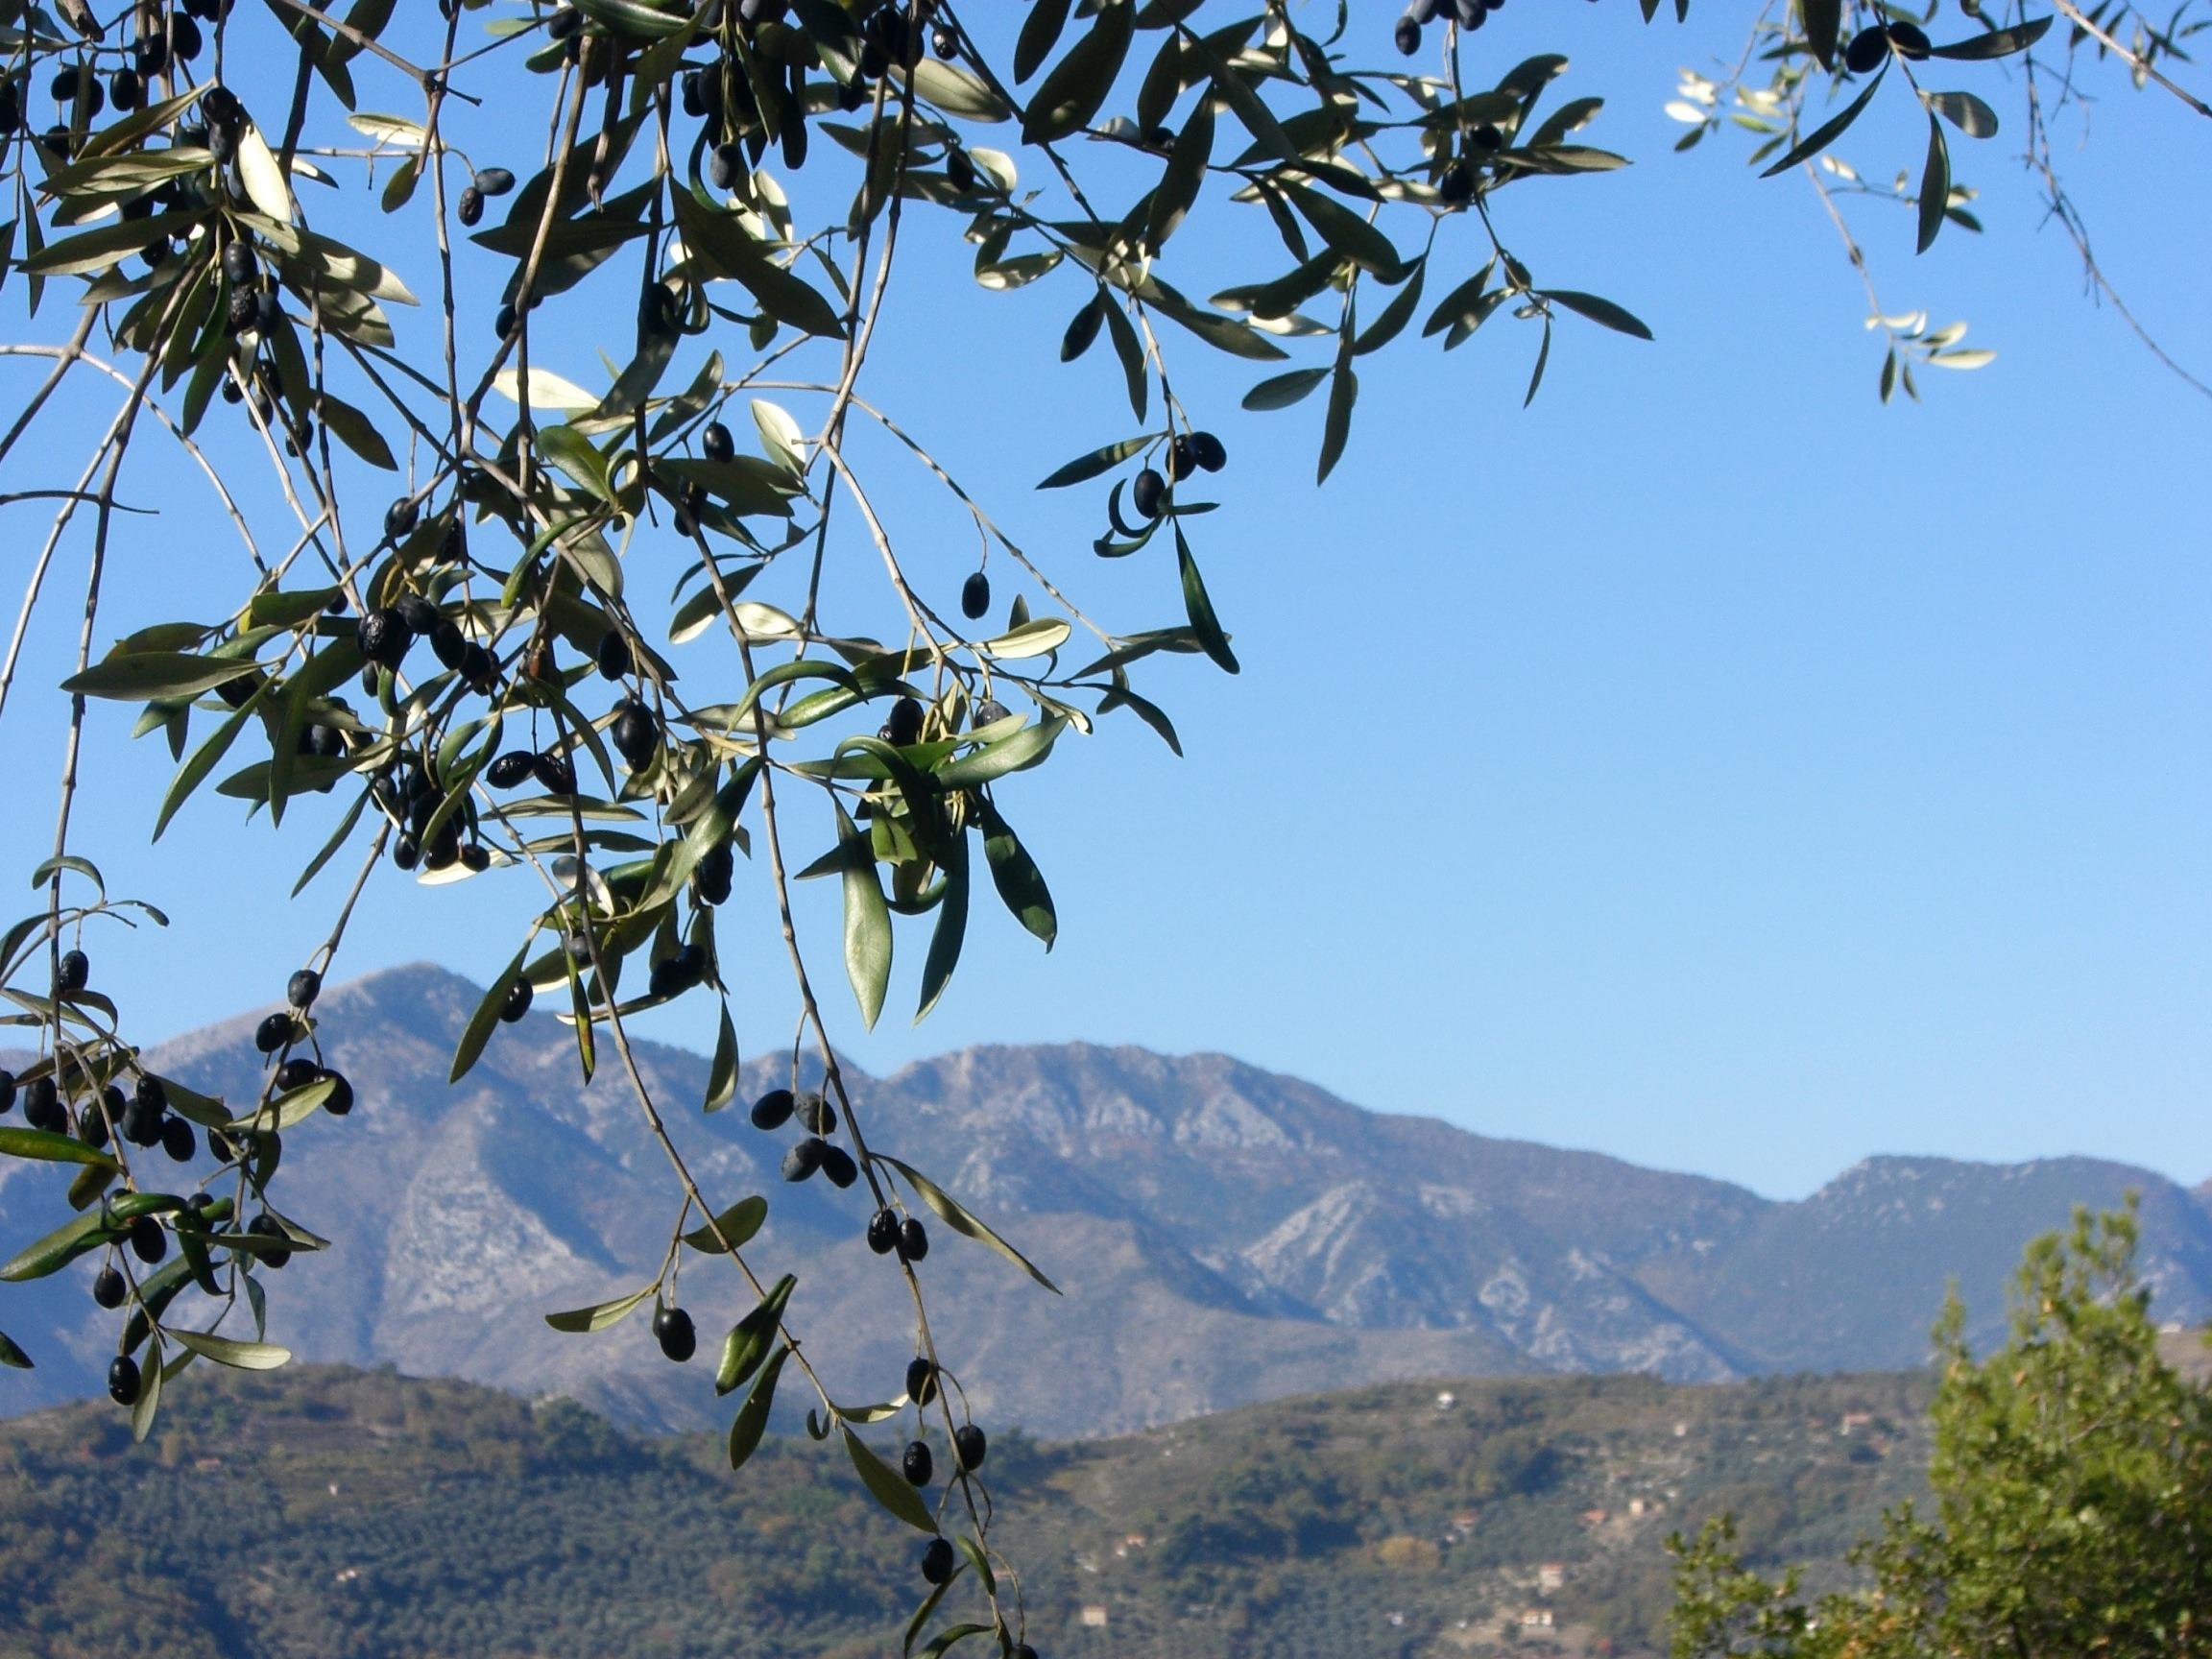 Dolceacqua. Taggiasca Oliven beim Ferienhaus. Urlaub in Ligurien an der italienischen Riviera